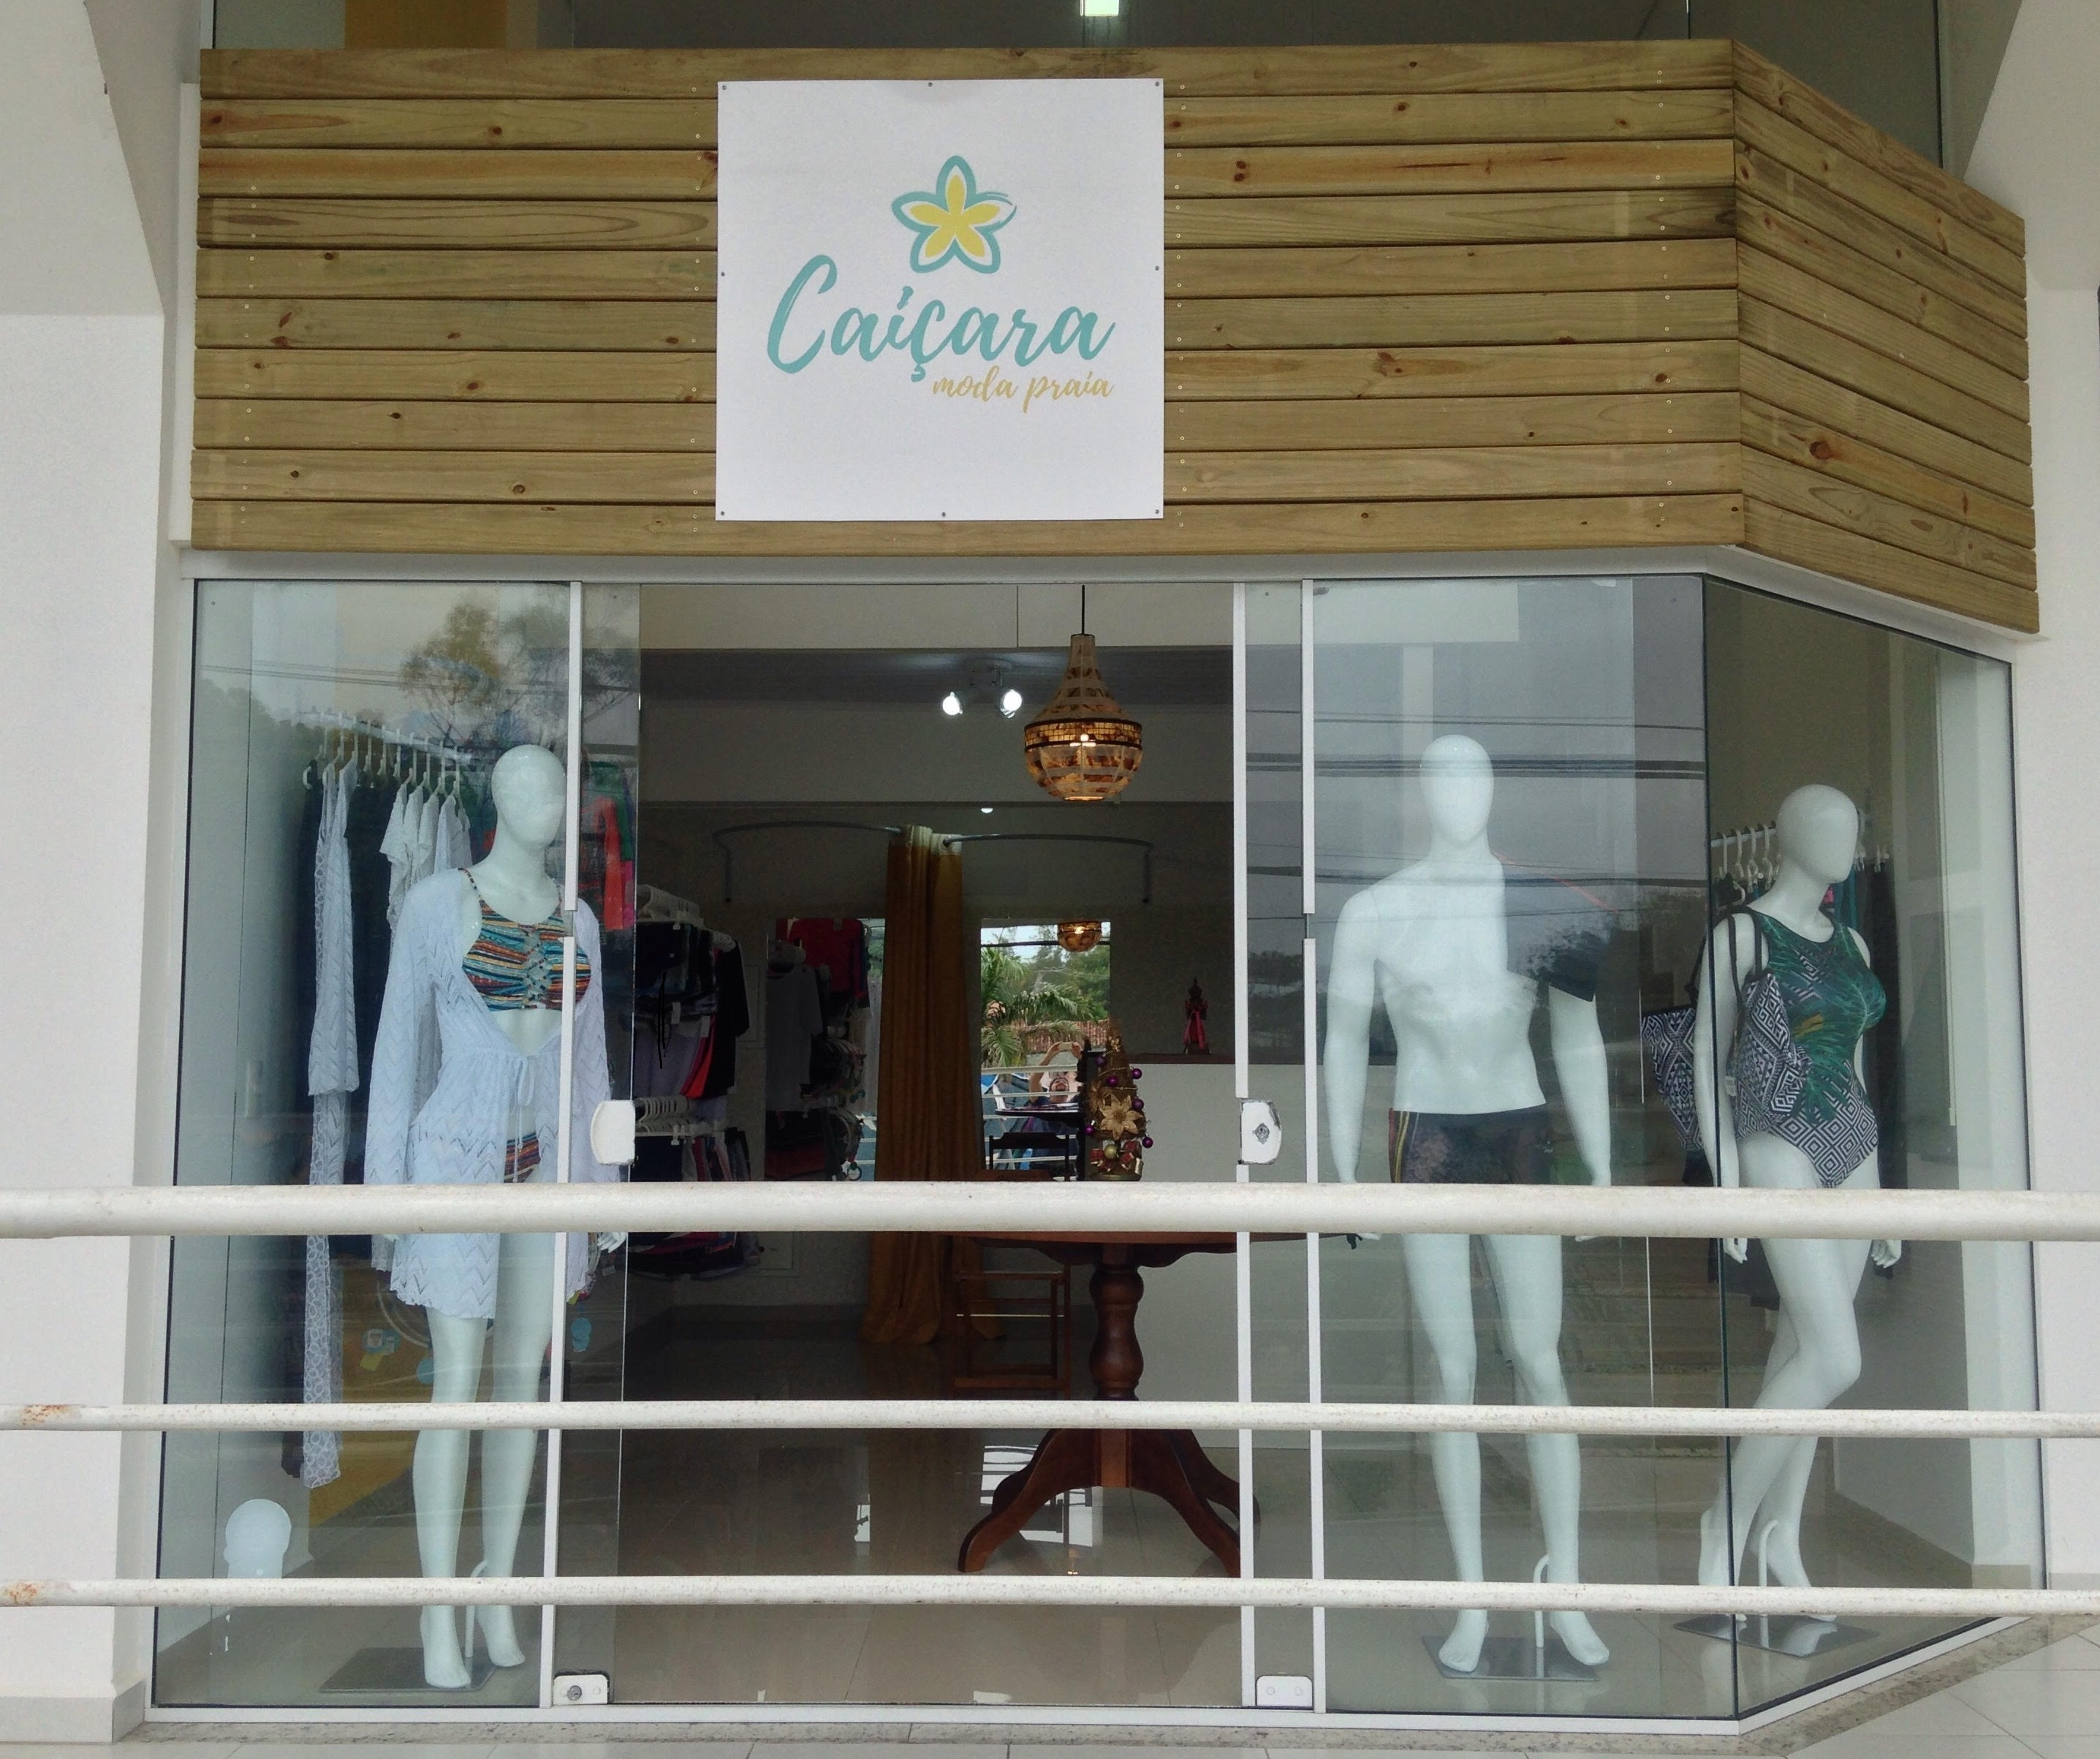 eacbe5418 Caiçara Moda Praia e Fitness é o nome da nova loja de confecções que abriu  as portas no Campeche nesta temporada, próximo à praia.